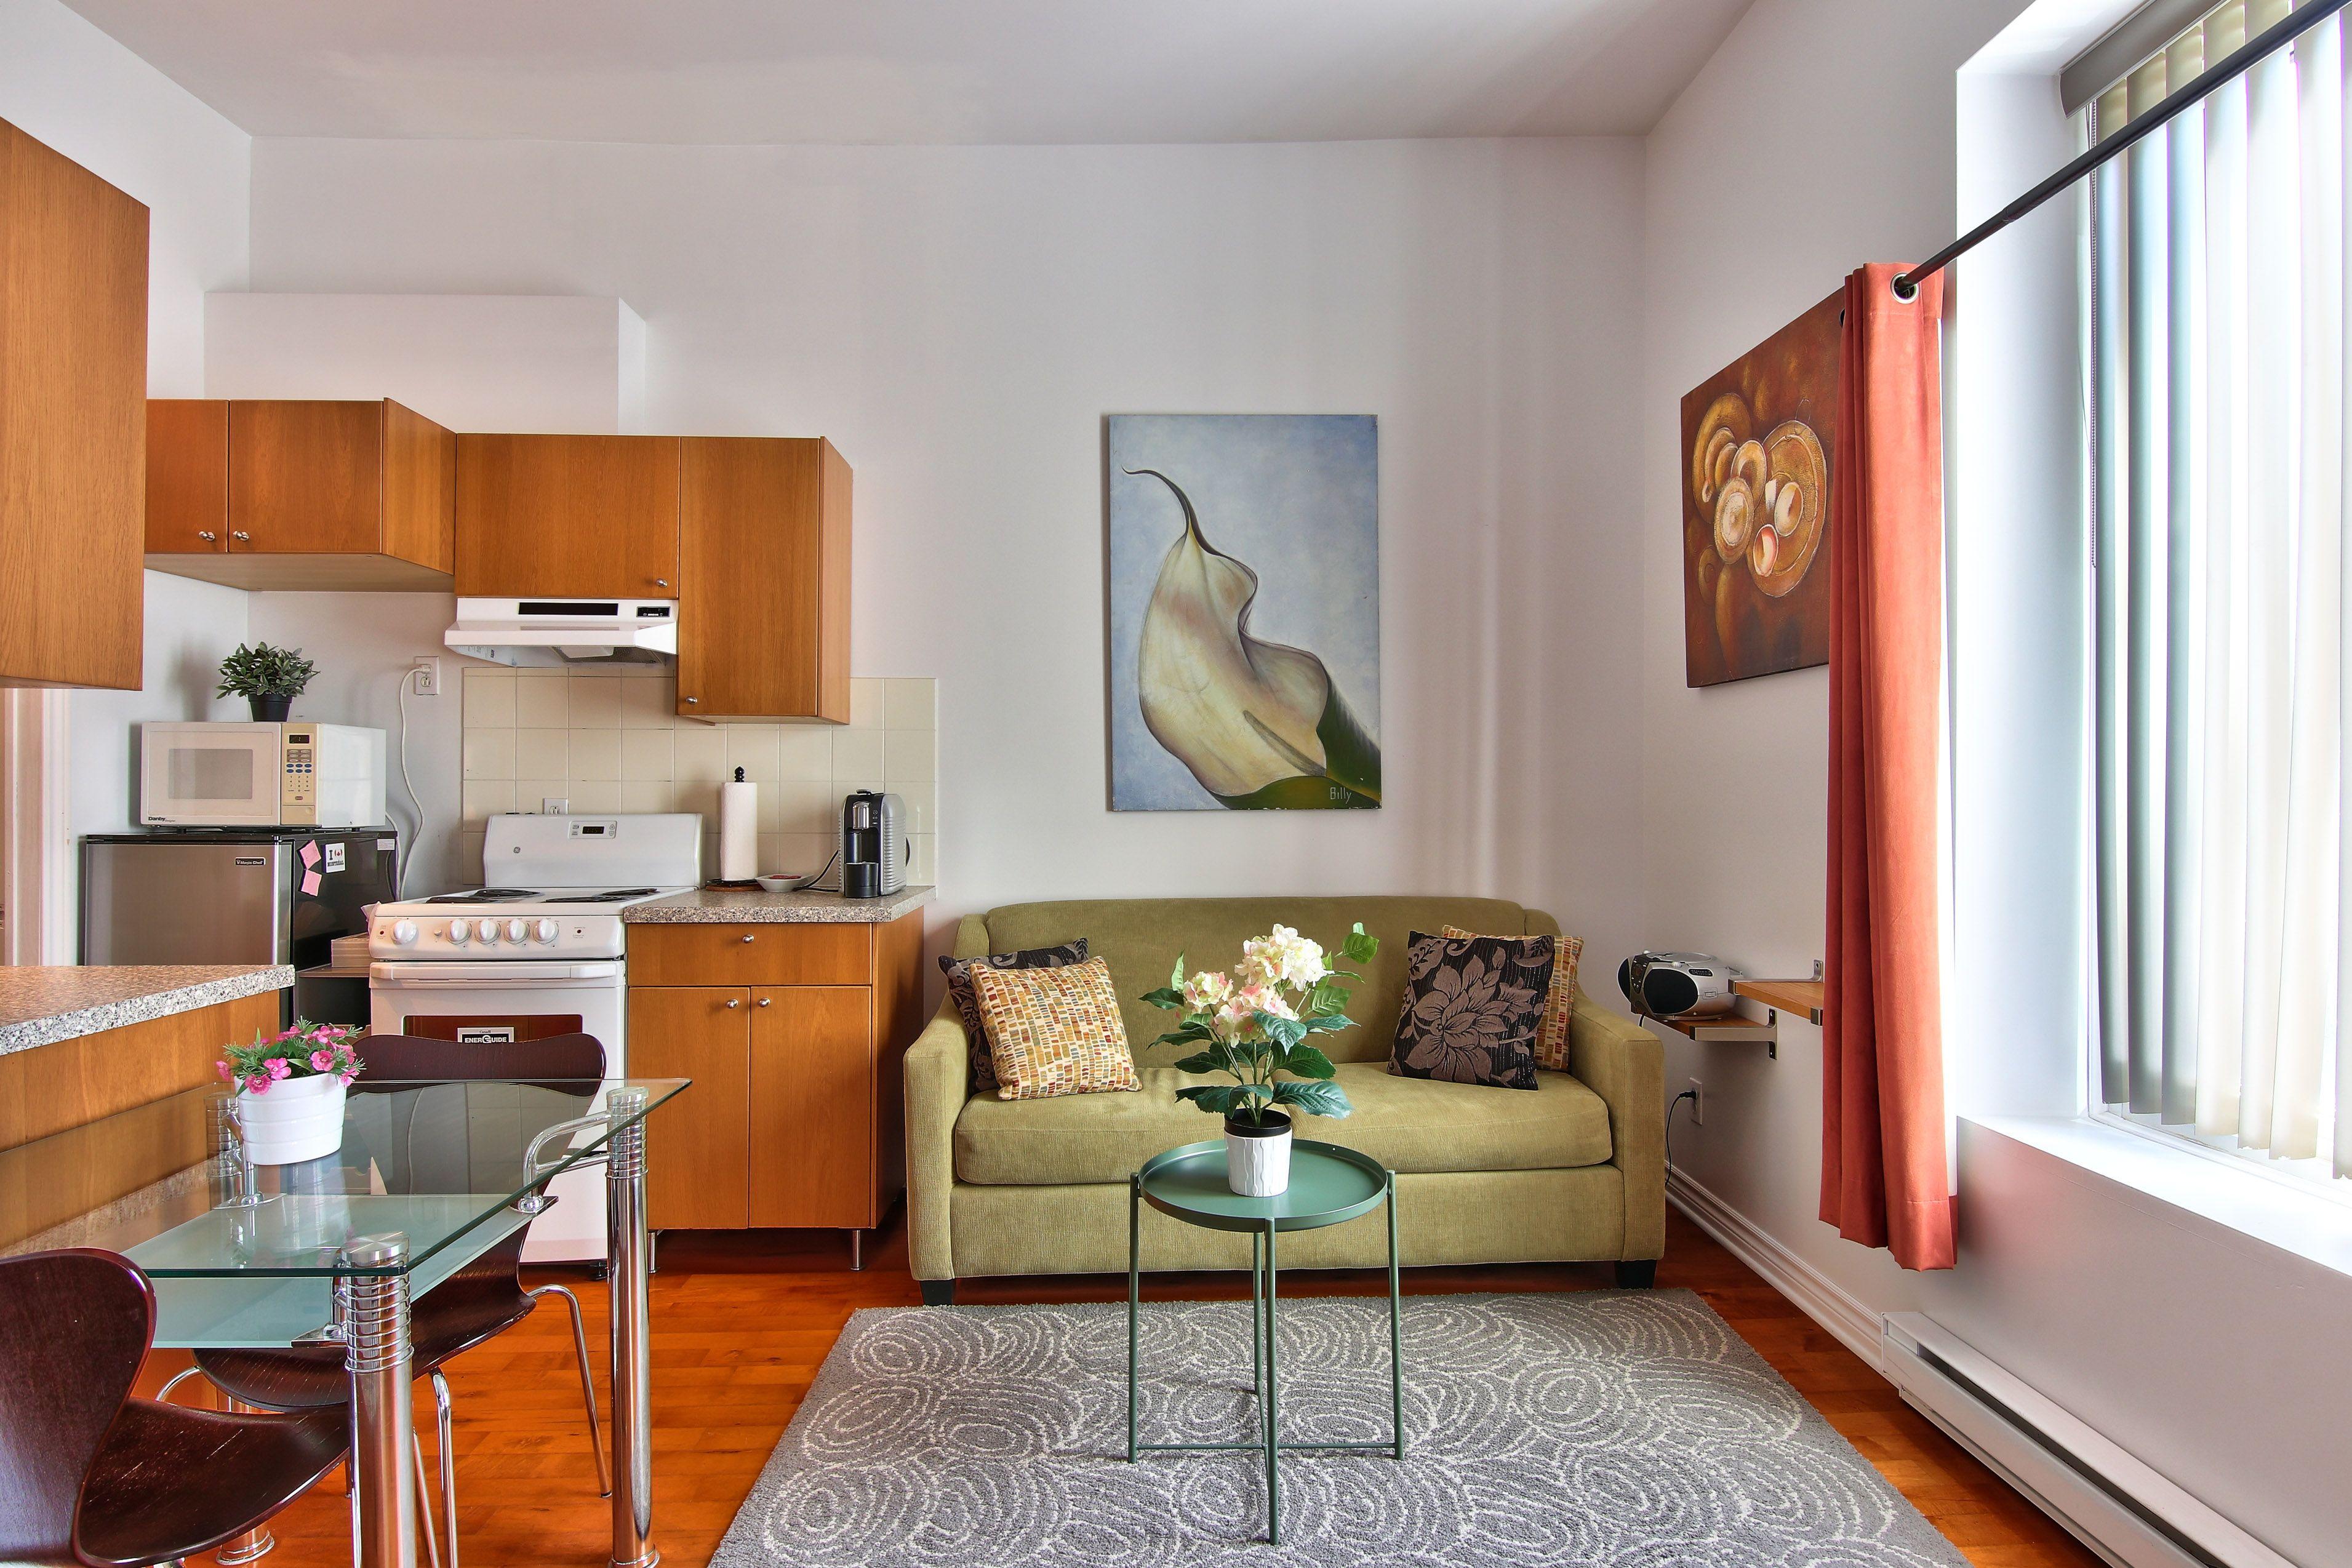 hotel-proche-palais-des-congres-montreal-appartement-1-chambre-sejour